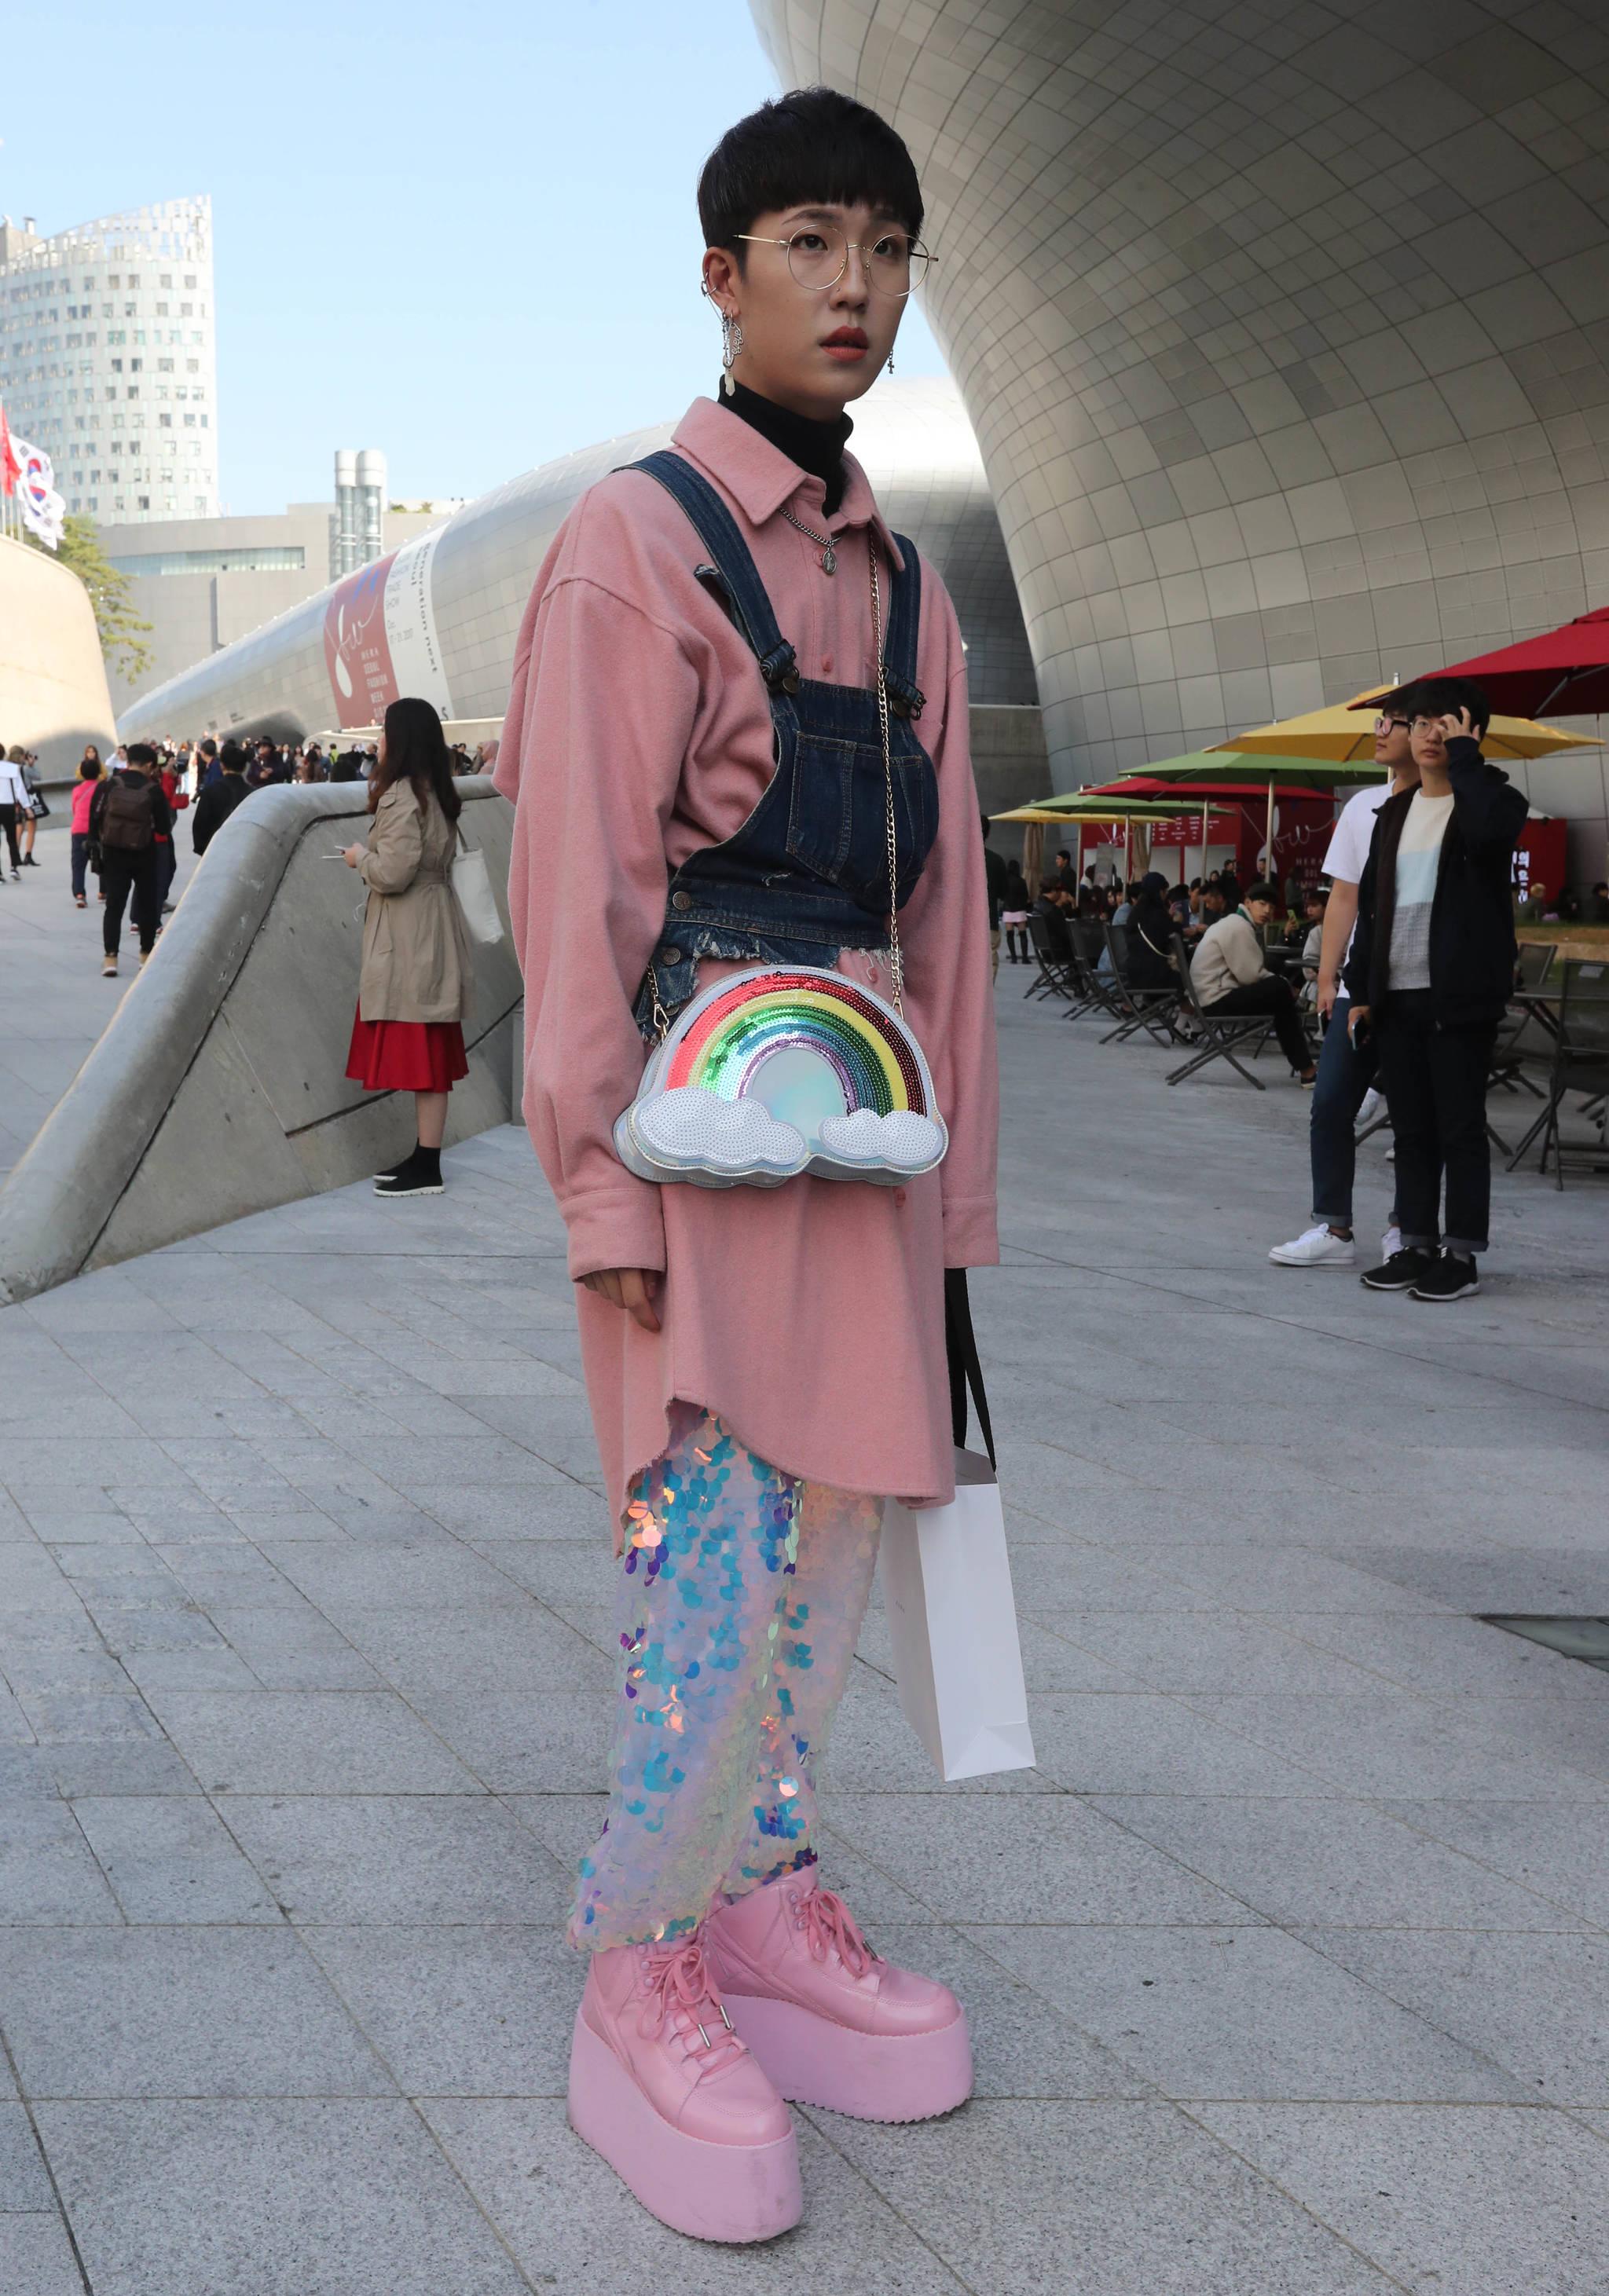 음혁진 씨는 자신의 스타일을 화려하고 과장된 디자인을 지향하는 맥시멀리즘(Maximalism) 스타일이라고 소개했다. 바지, 신발, 가방을 해외직구로 구입했다고 말했다. 신인섭 기자